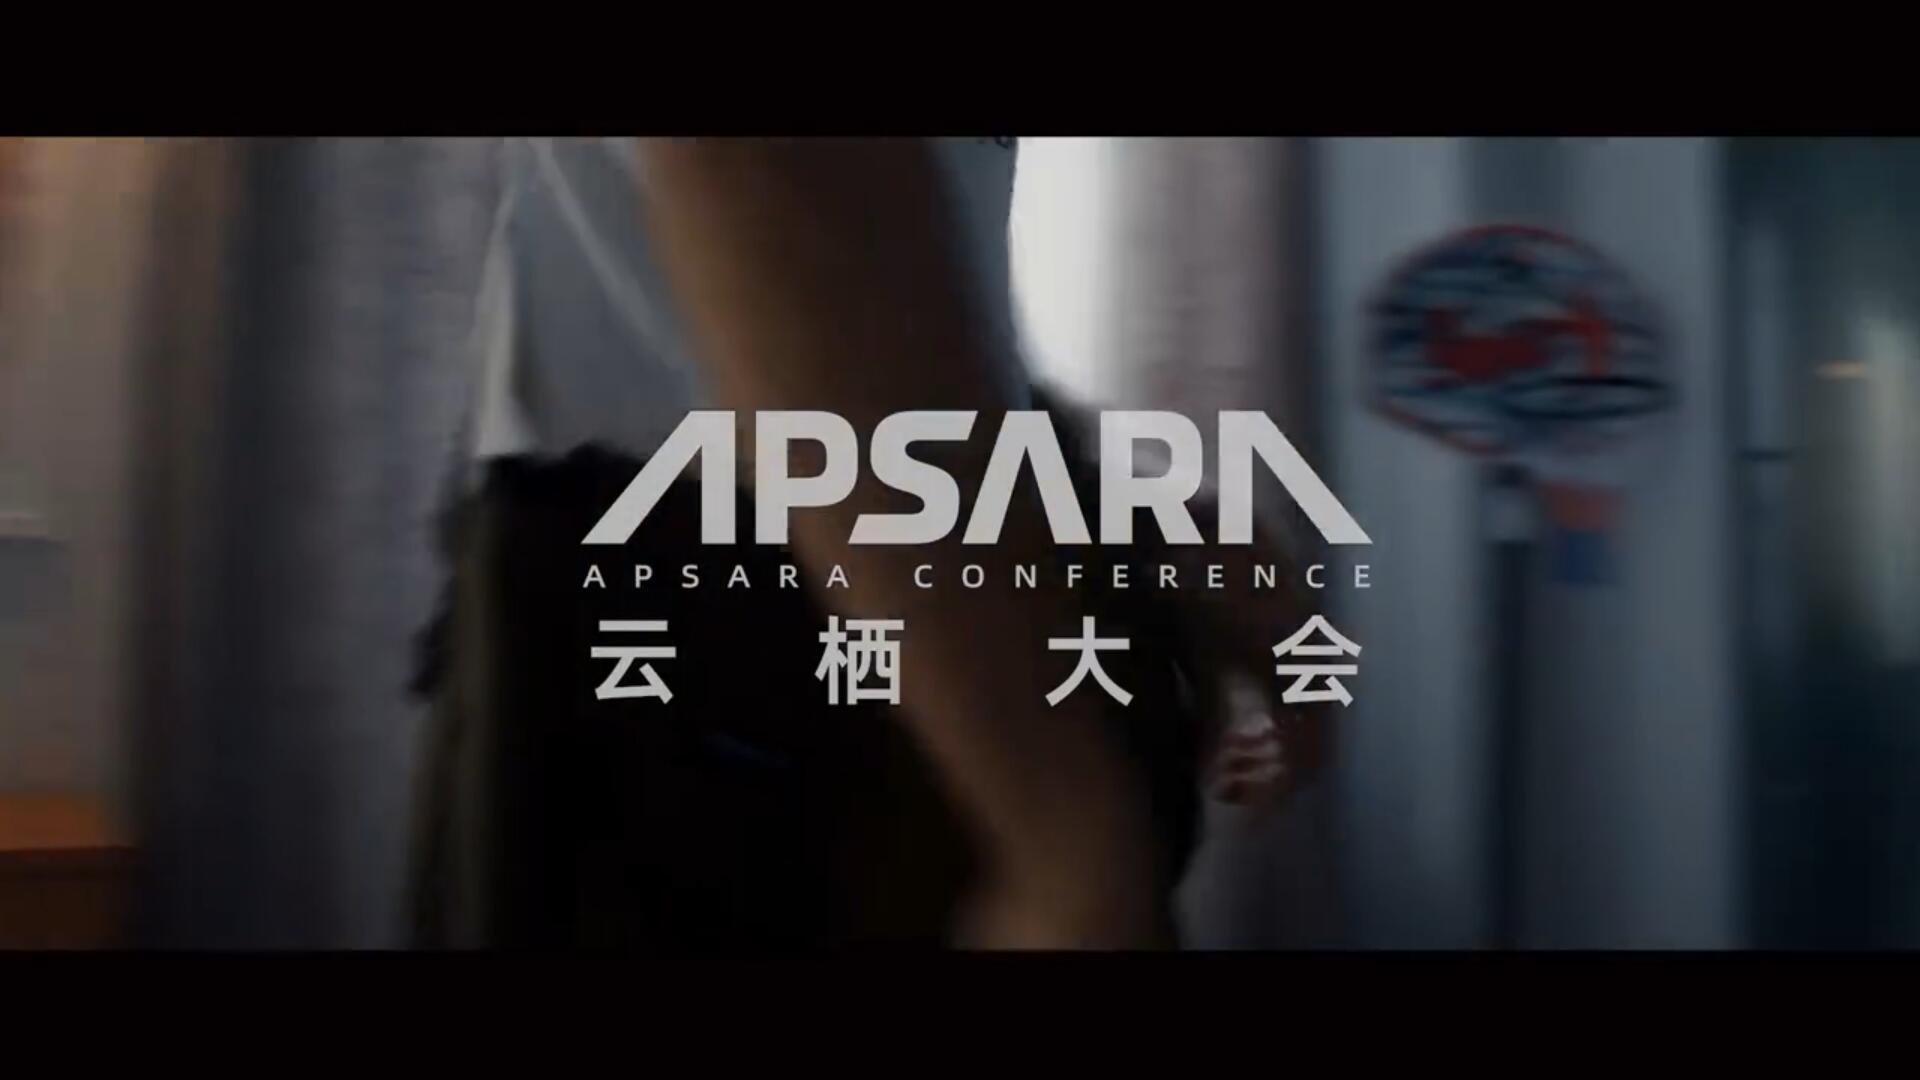 阿里2019年云栖大会宣传片